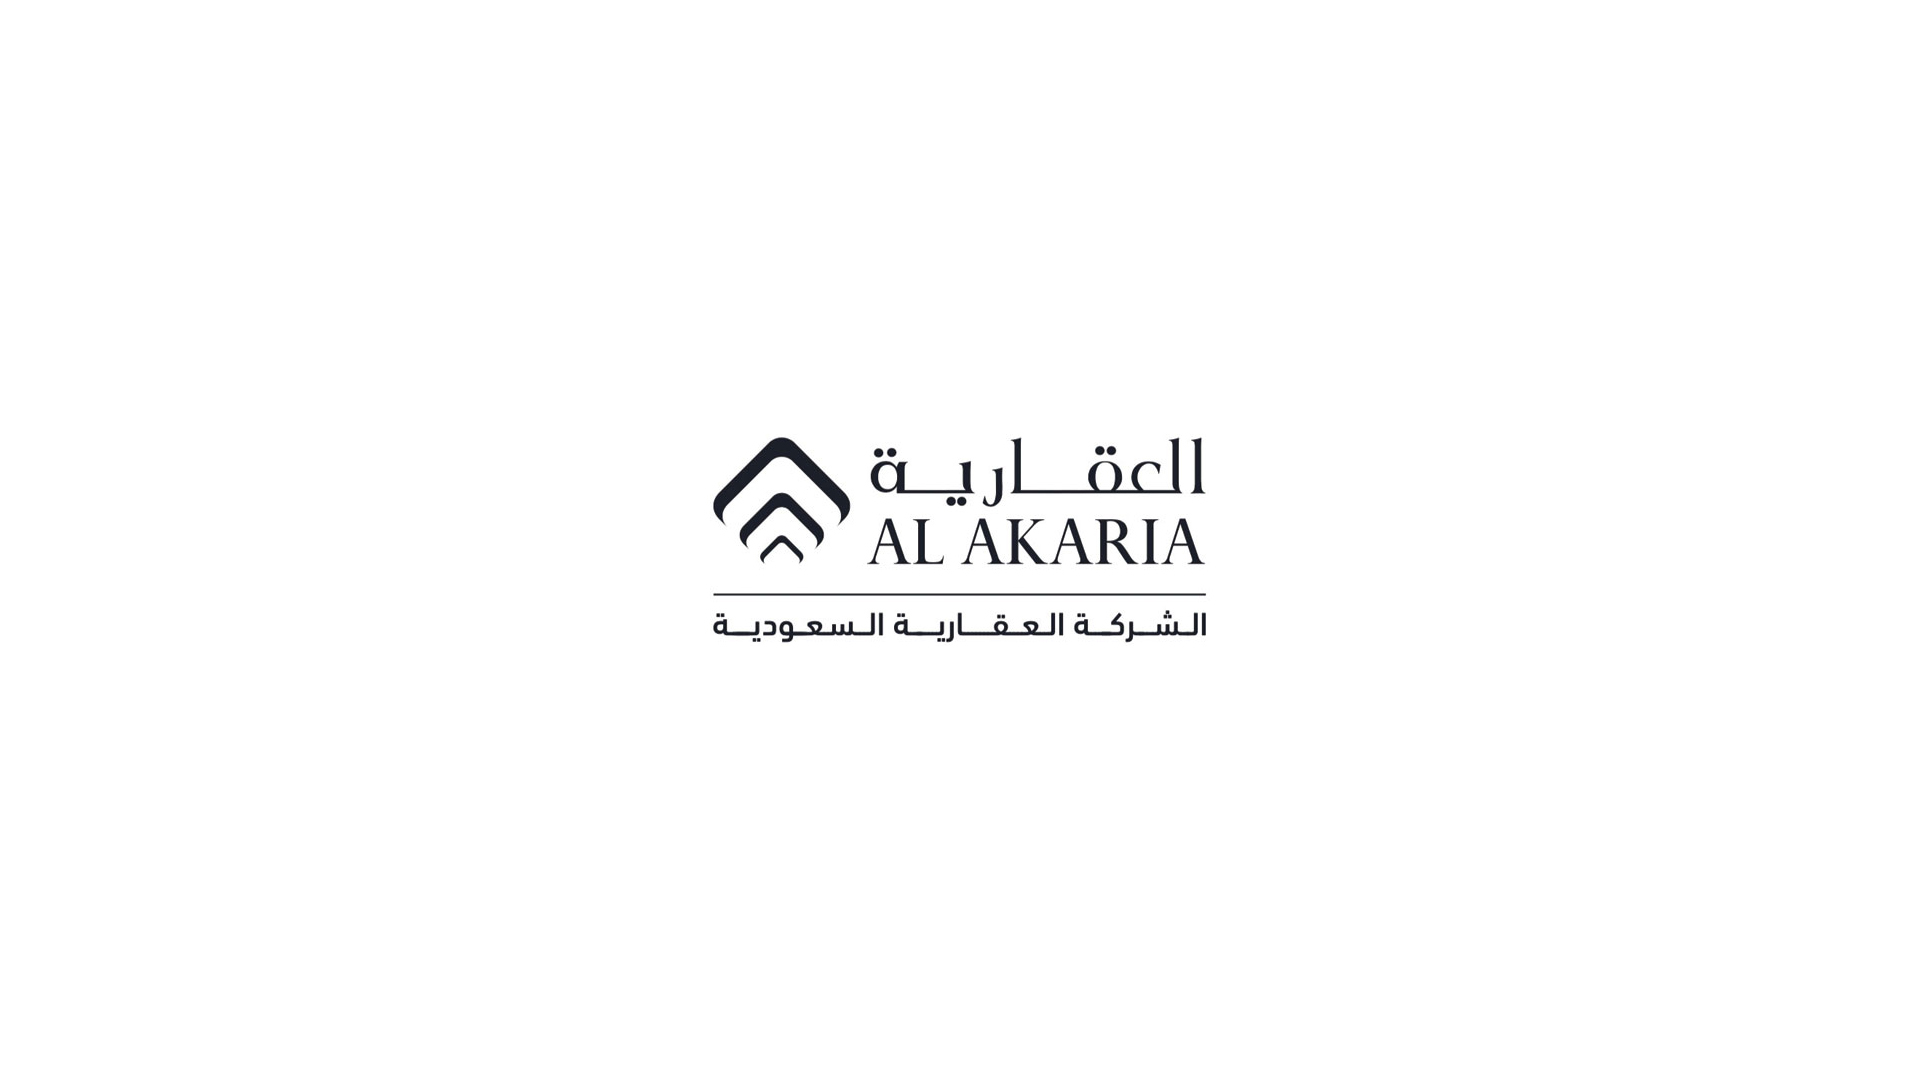 الشركة العقارية السعودية